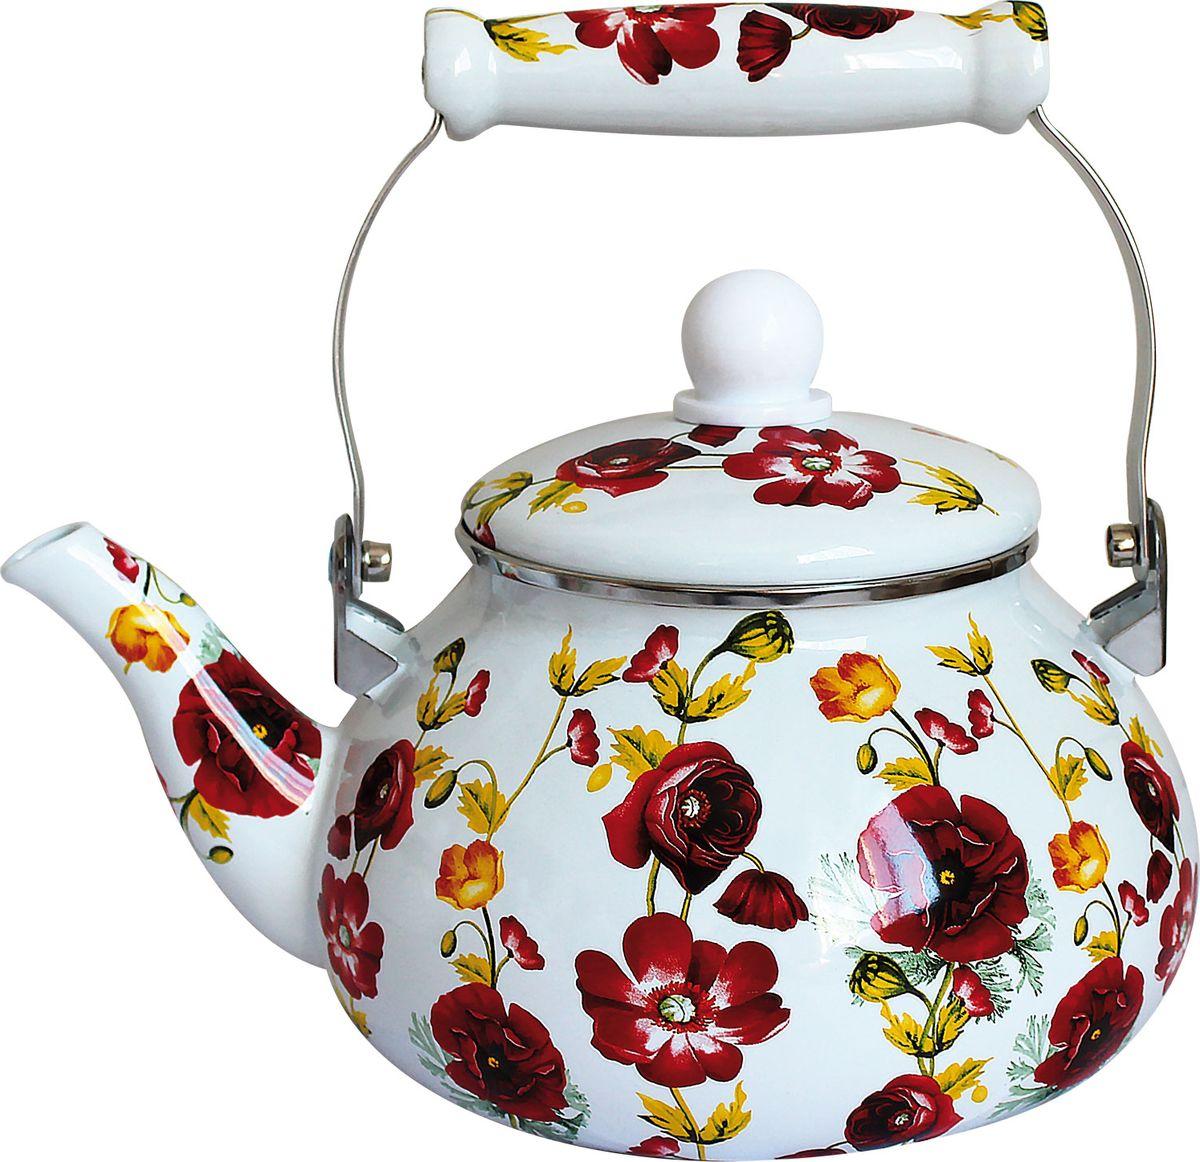 Чайник Rainstahl, , цвет: белый, 2,4 л. 7531-24RS\KL отделитель вишневых косточек rainstahl цвет белый красный